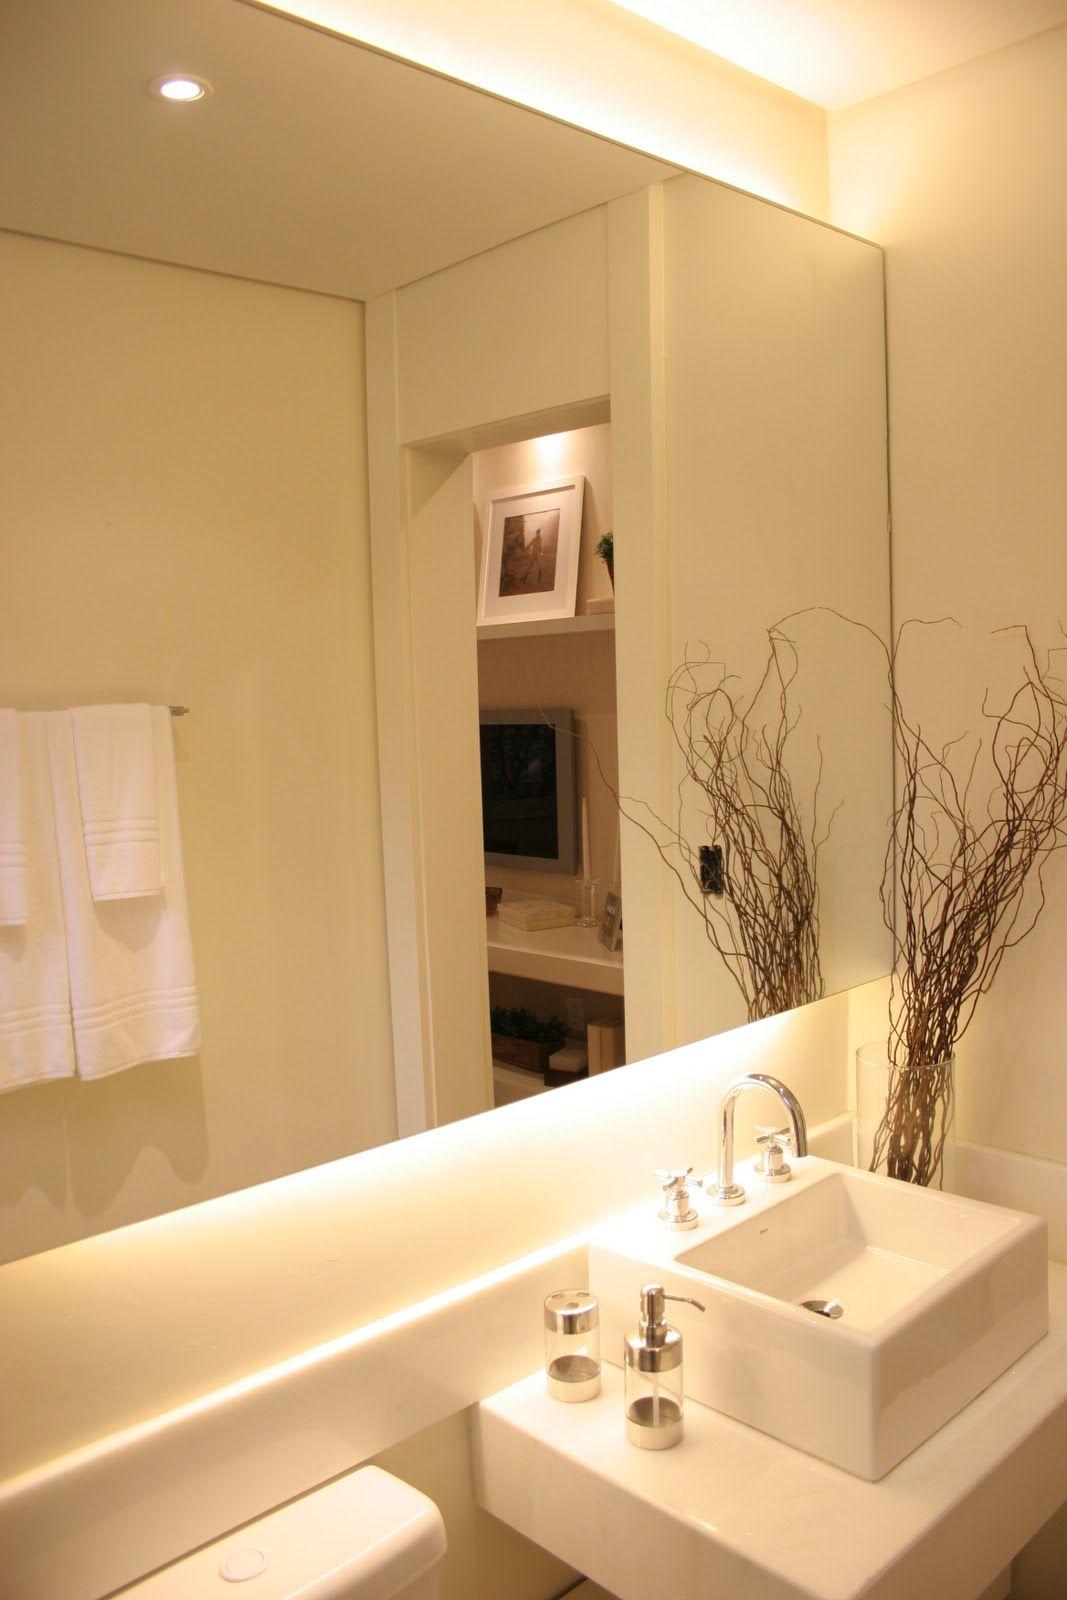 Pin De Luana Santana Em Banheiro Espelho Banheiro Fita De Led